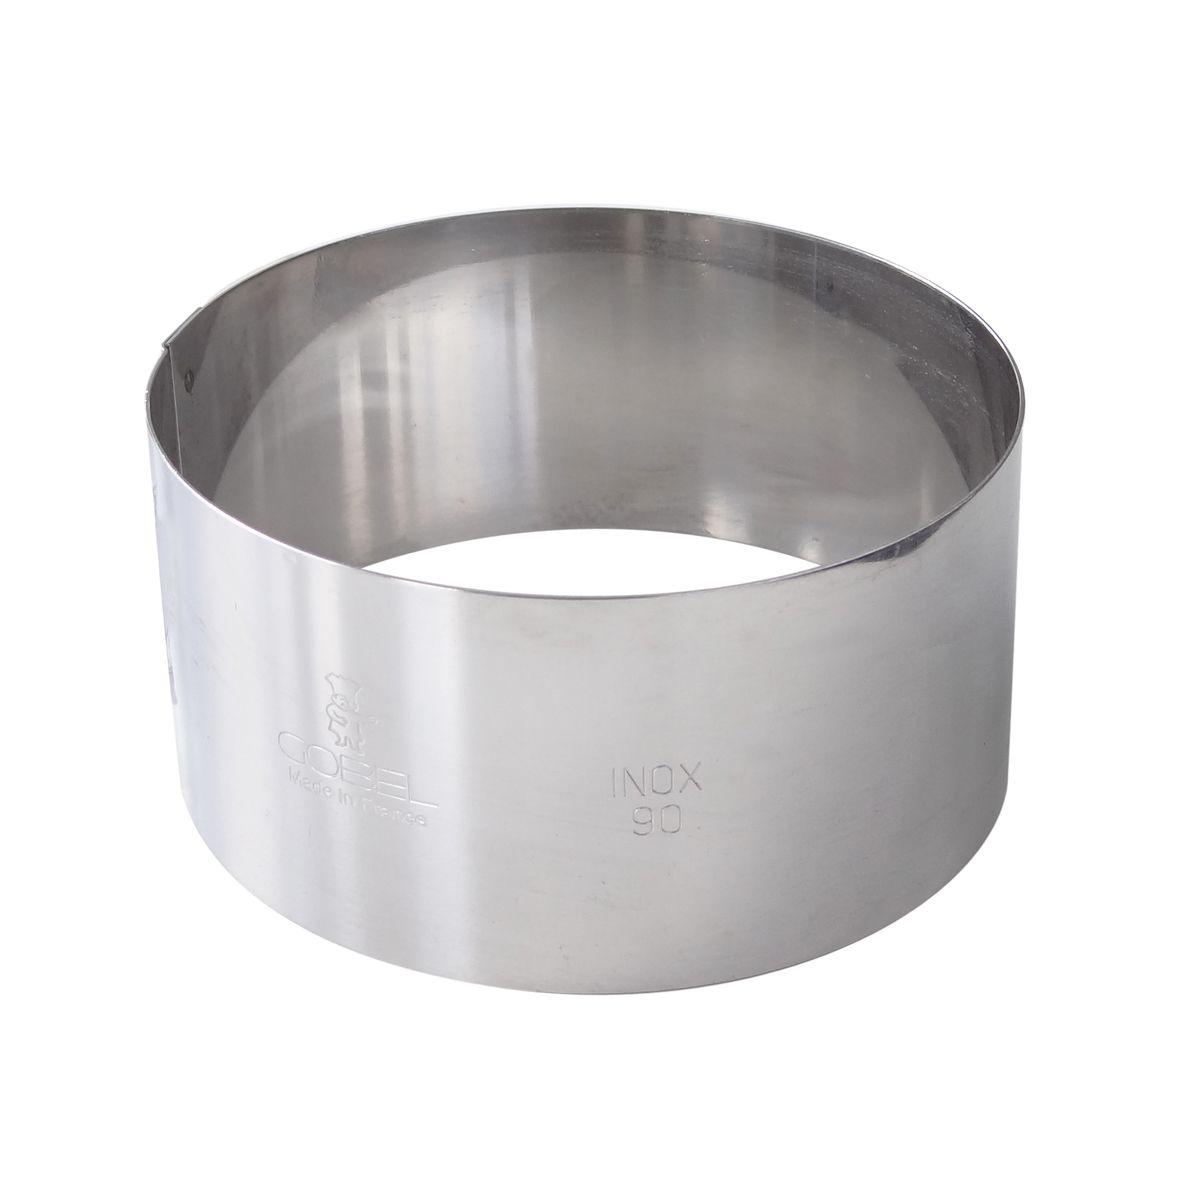 Cercle à mousse et entremets en inox 4.5 x 28 cm - Gobel